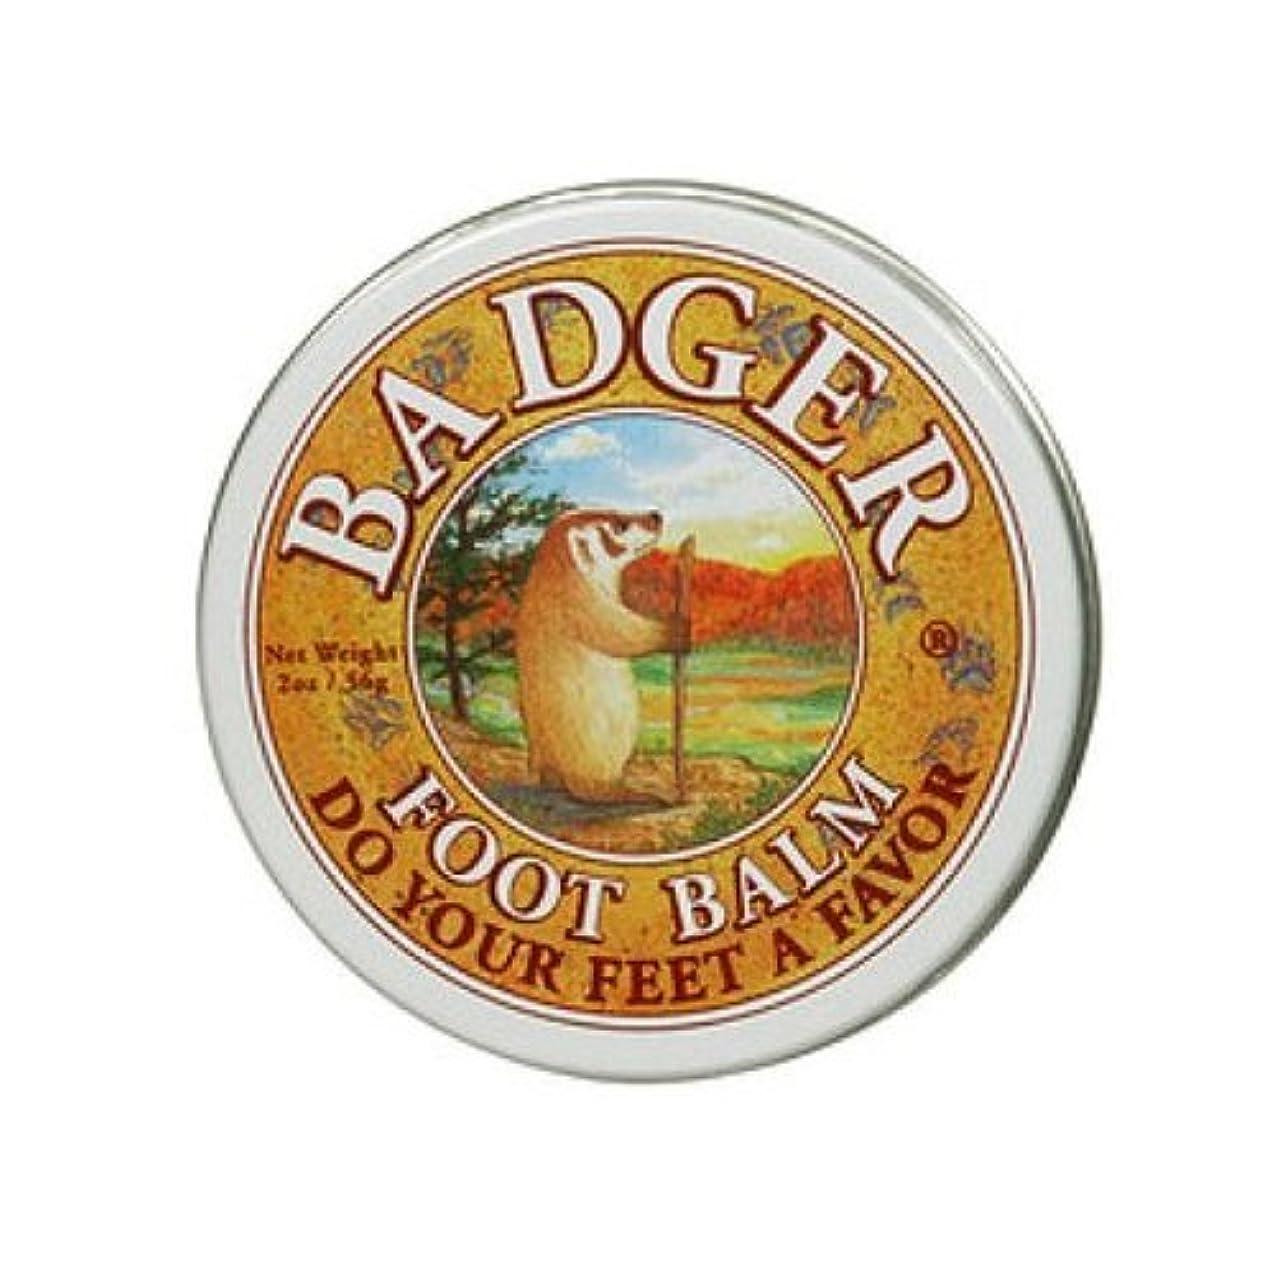 ボール回転させる楕円形Badger バジャー オーガニックフットクリーム ペパーミント & ティーツリー【小サイズ】 21g【海外直送品】【並行輸入品】